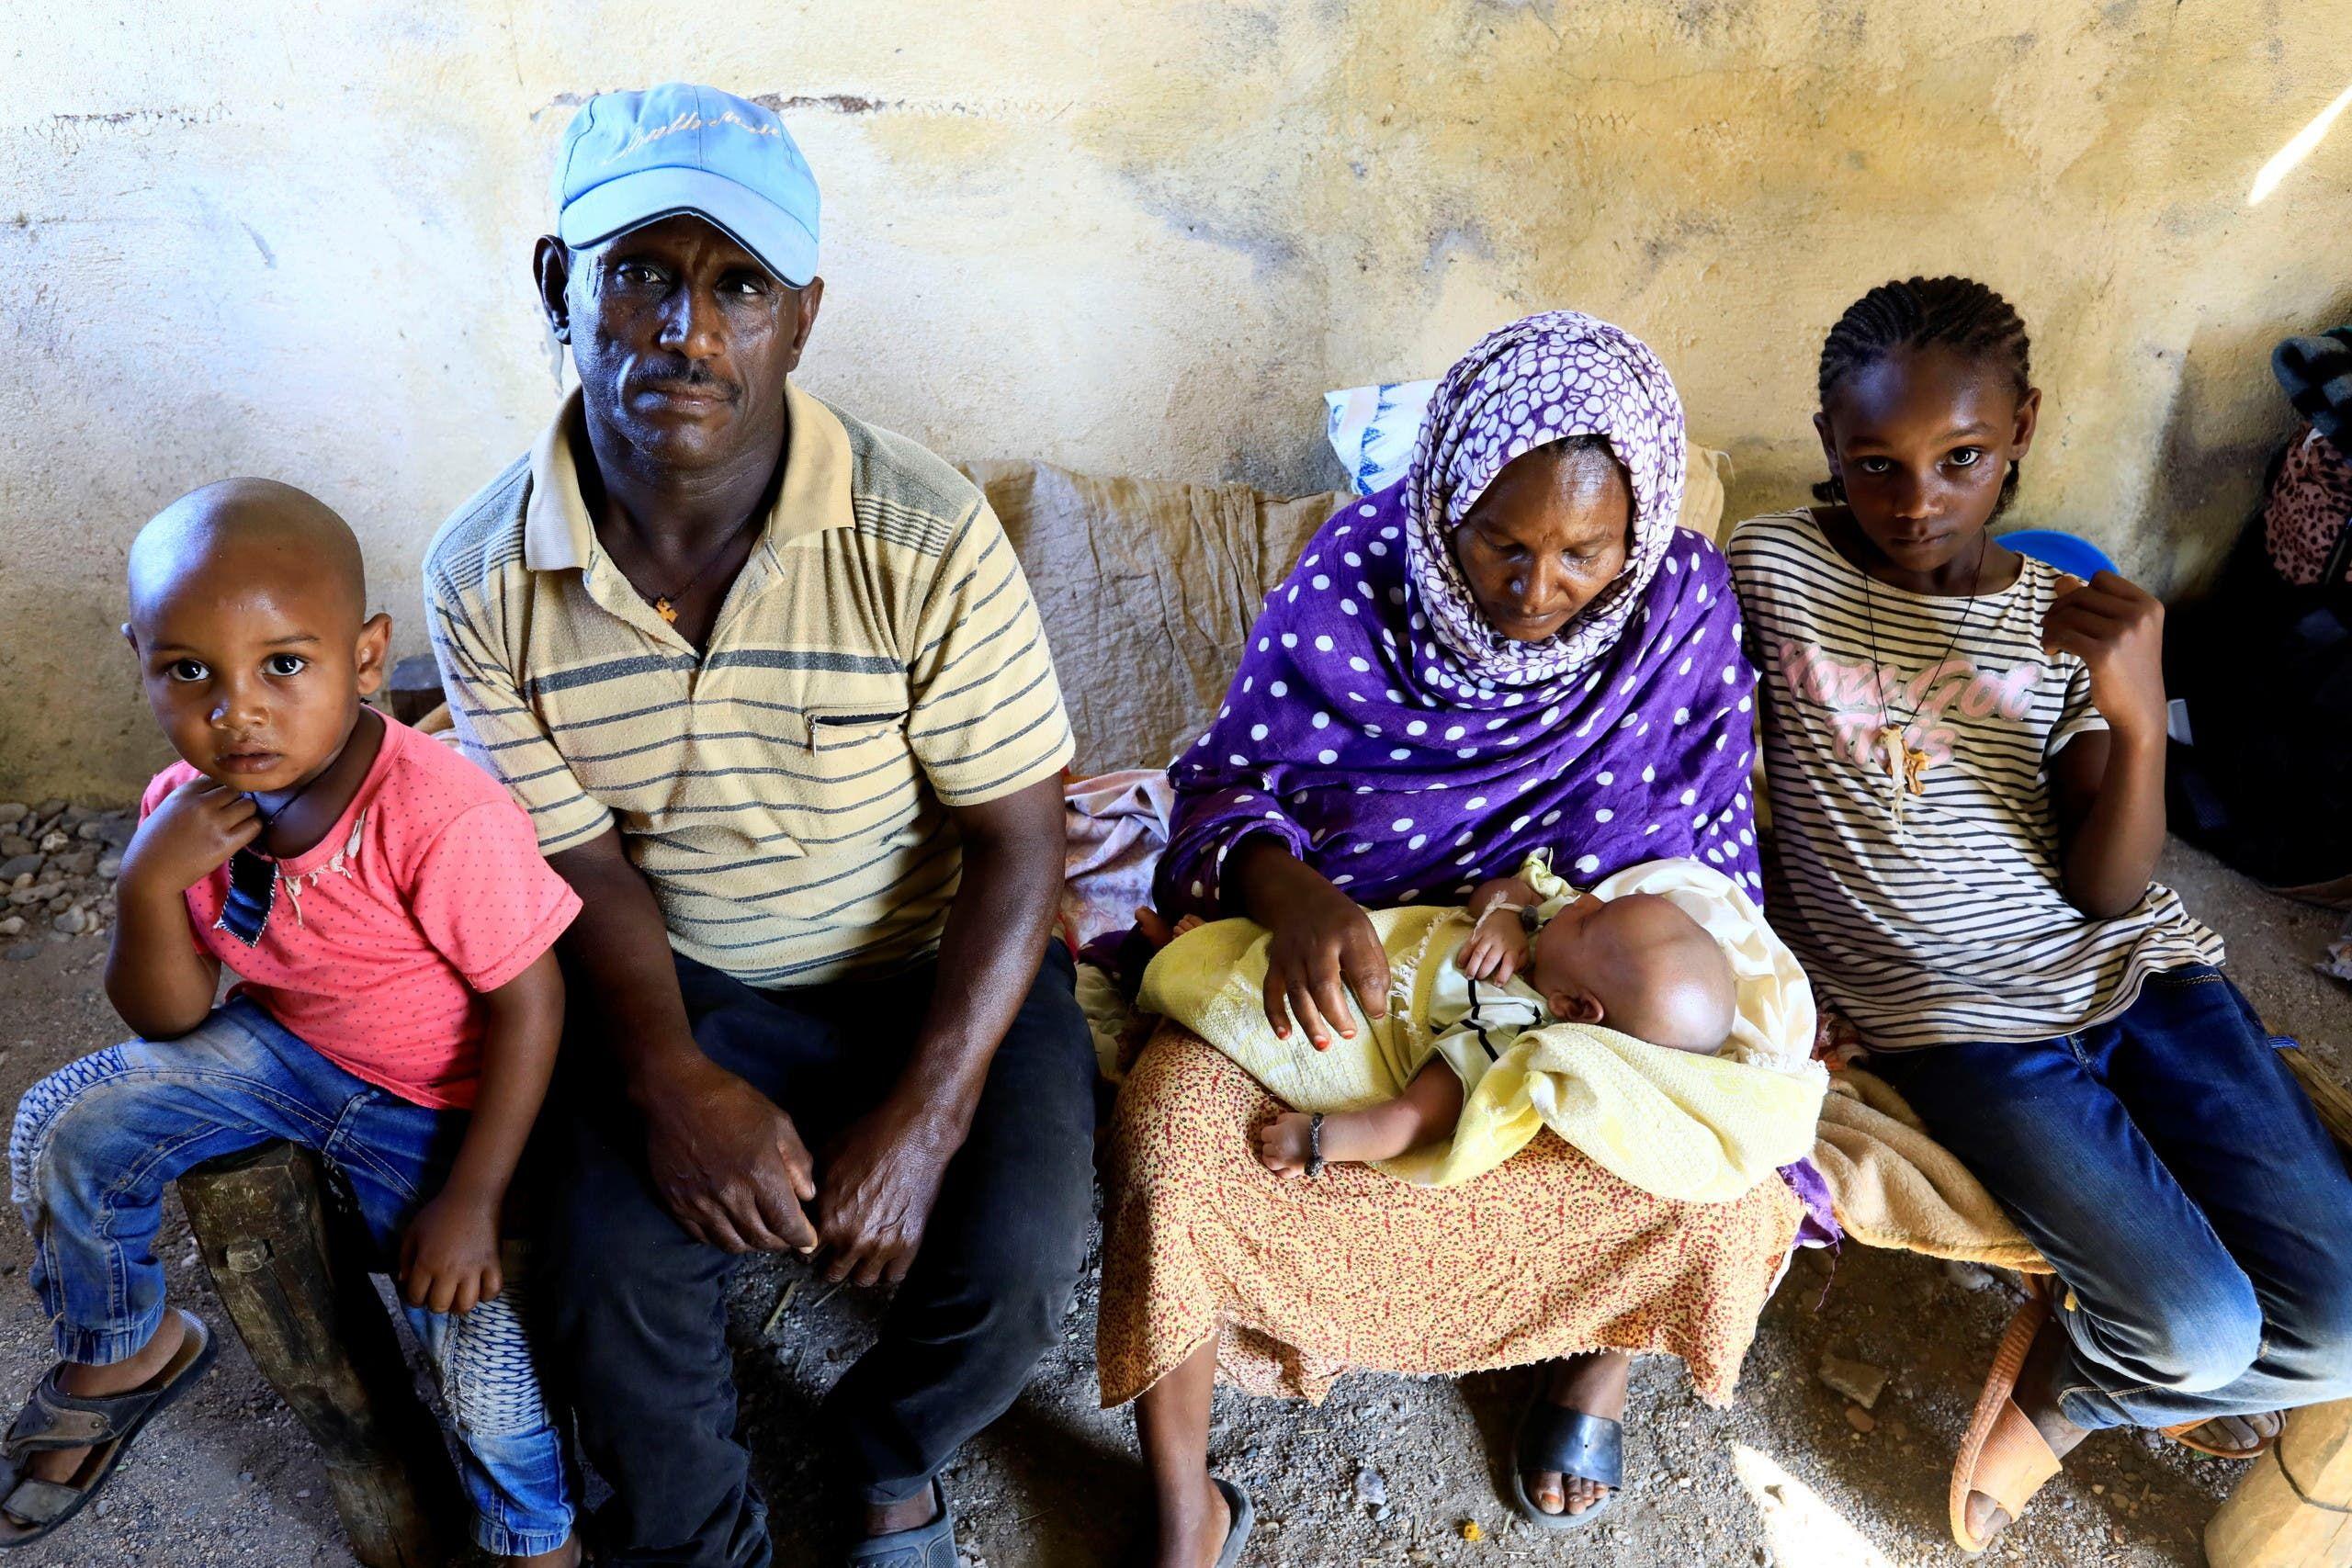 12لاجئون إثيوبيون يفرون من القتال الدائر في منطقة تيغراي يوم 24 نوفمبر